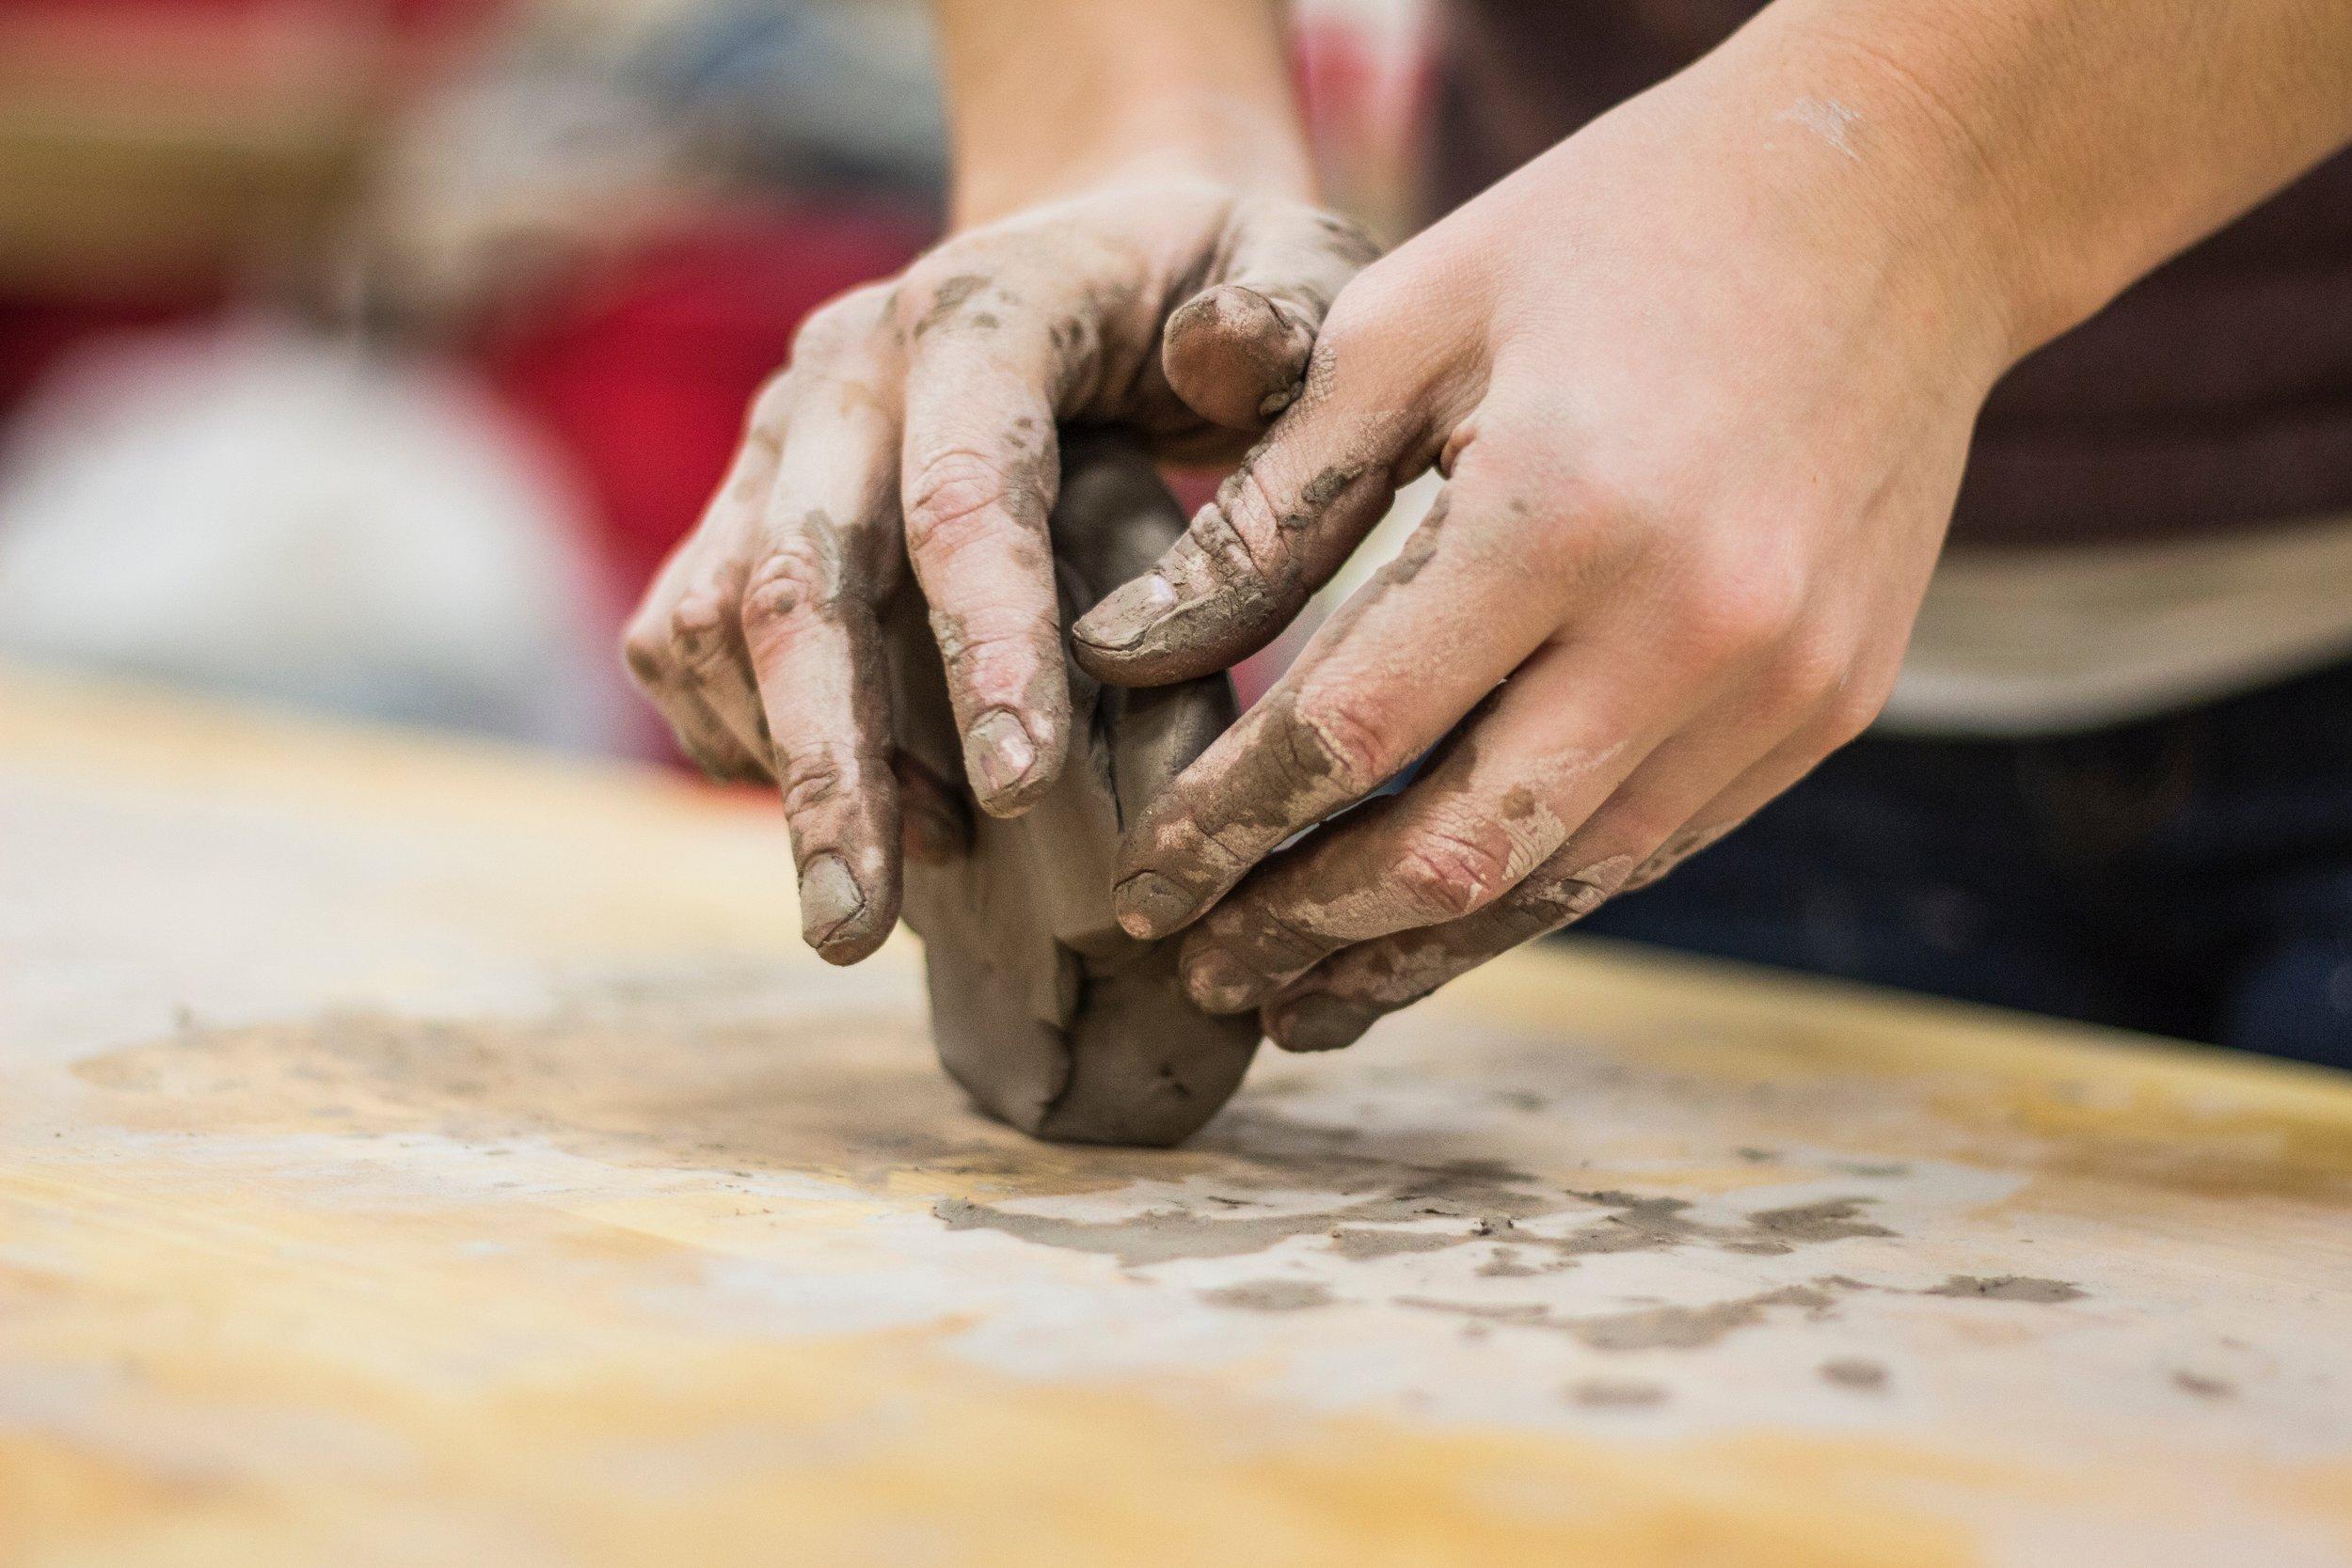 Tallers de ceràmica - Oferim tallers per a adults i nens de ceràmica, on aprendreu a crear diferents peces amb fang, mitjançant diverses tècniques.Crea la teva pròpia tassa, plats, testos, gerros... La creativitat no té límits.Inclou: Classe impartida per una experta en ceràmica i materials necessarisPreu: desde 25€ per persona